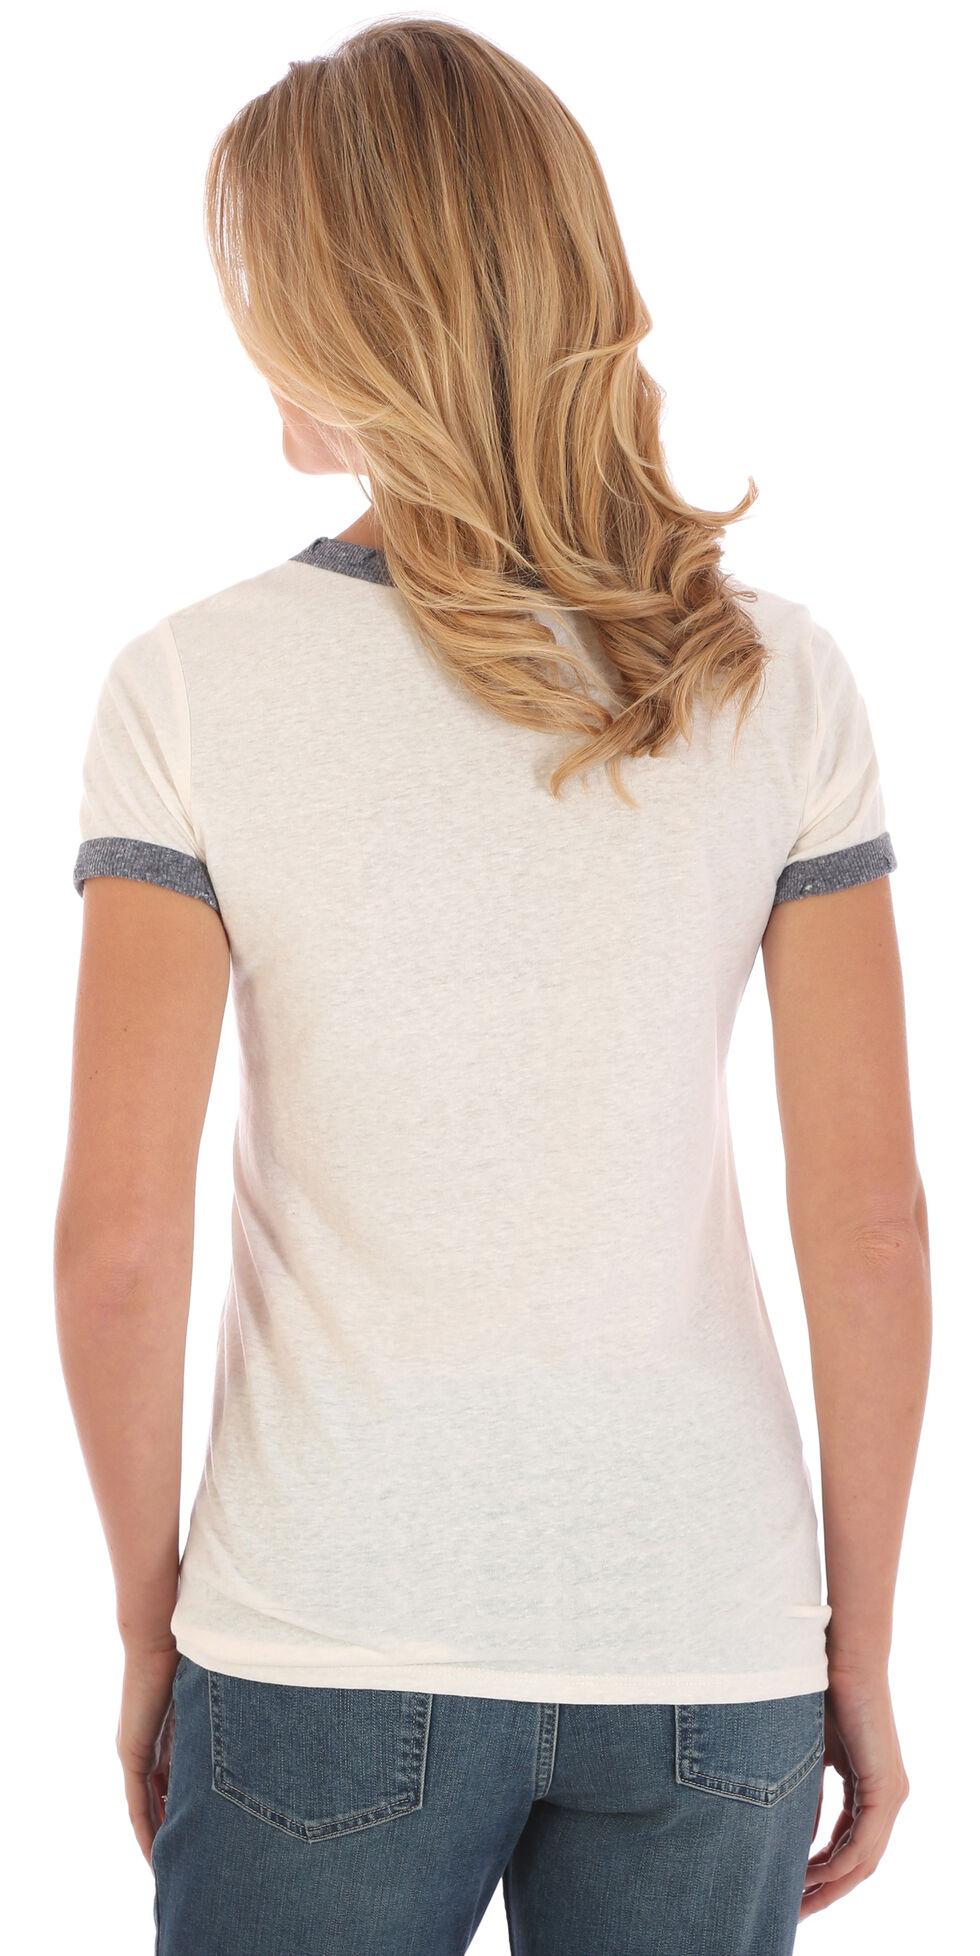 Wrangler Women's White and Blue Ringer T-Shirt , White, hi-res